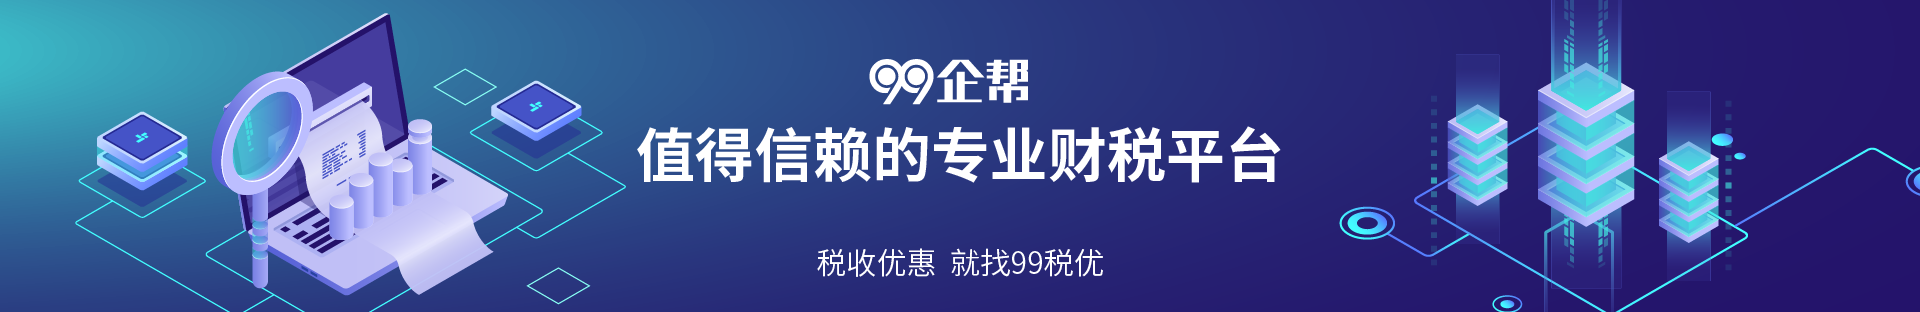 99税优-解决方案